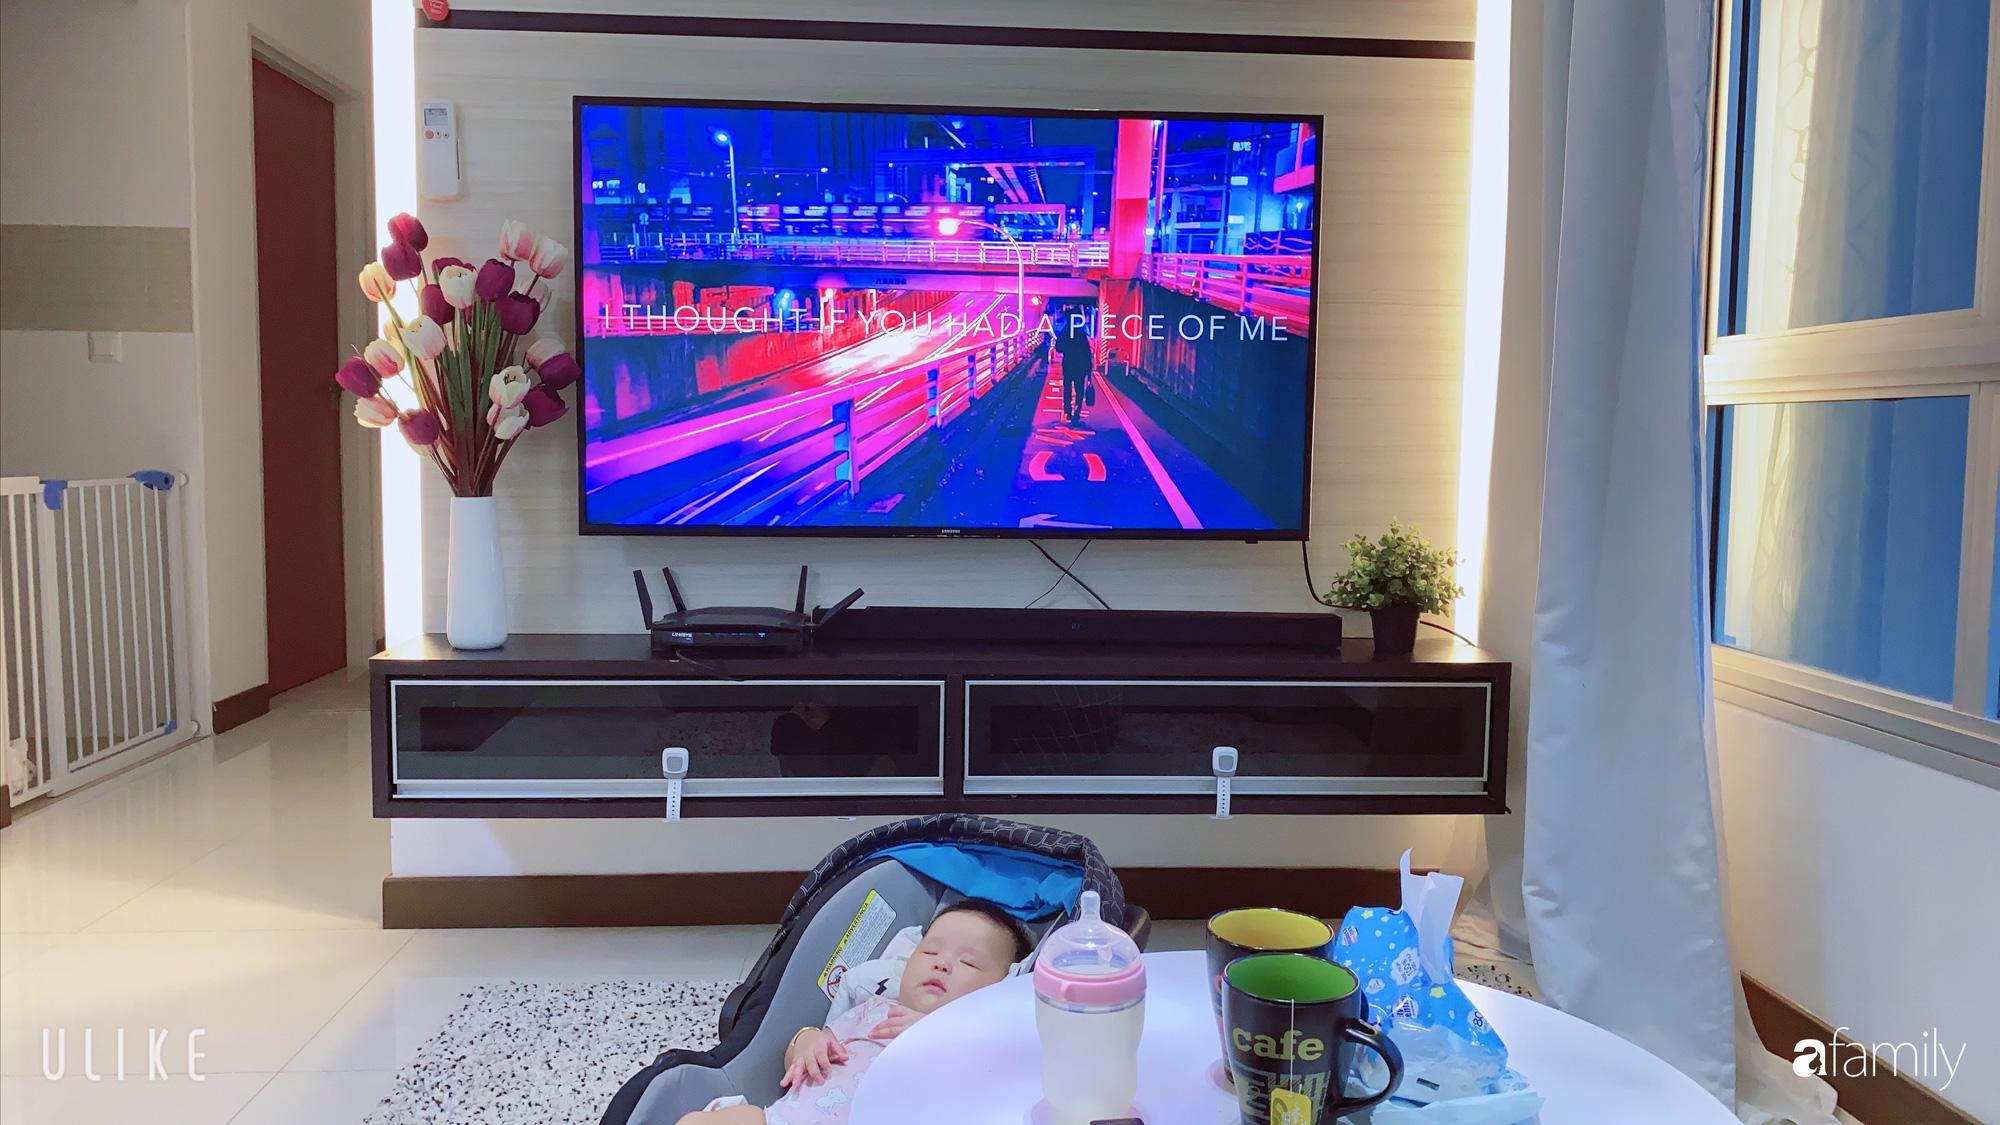 Căn hộ 92m2 góc nào cũng ấm cúng, sạch đẹp nhờ nguyên tắc bài trí gọn gàng của mẹ Việt ở Singapore - Ảnh 3.